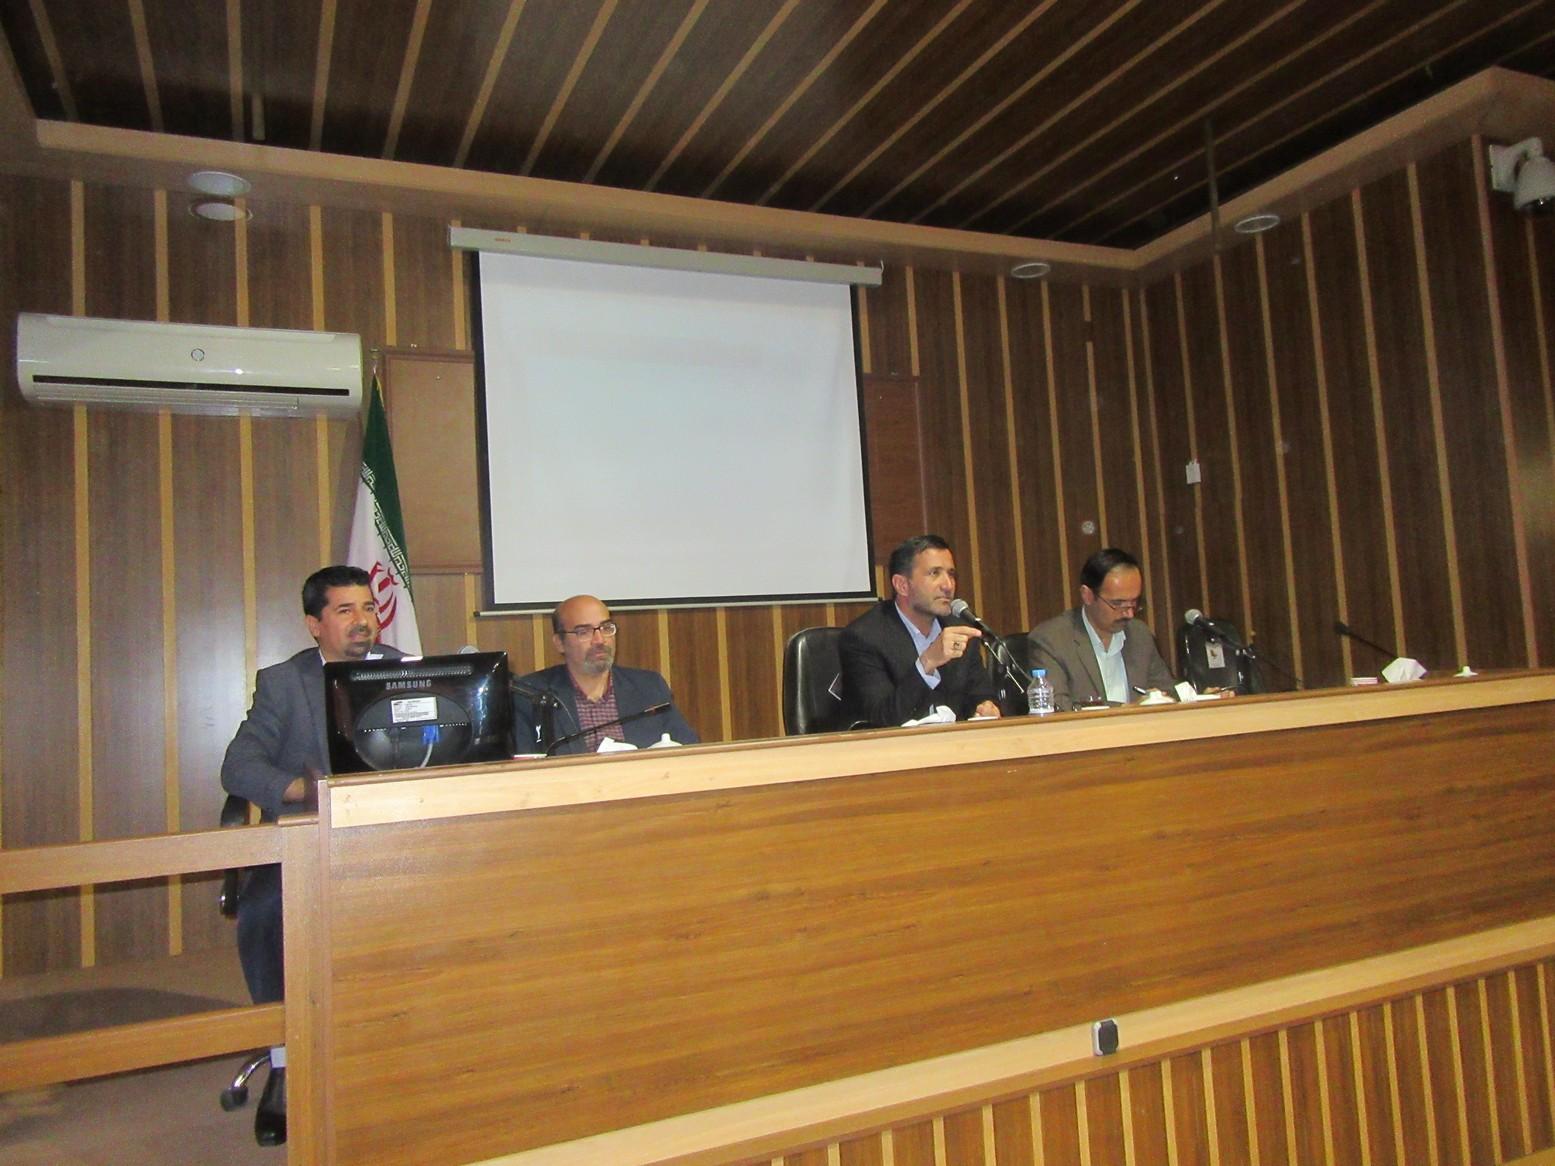 جلسه شورای سلامت و امنیت غذایی شهرستان خواف با دستورکار ومحوریت راه های پیشگیری از بیماری کرونا